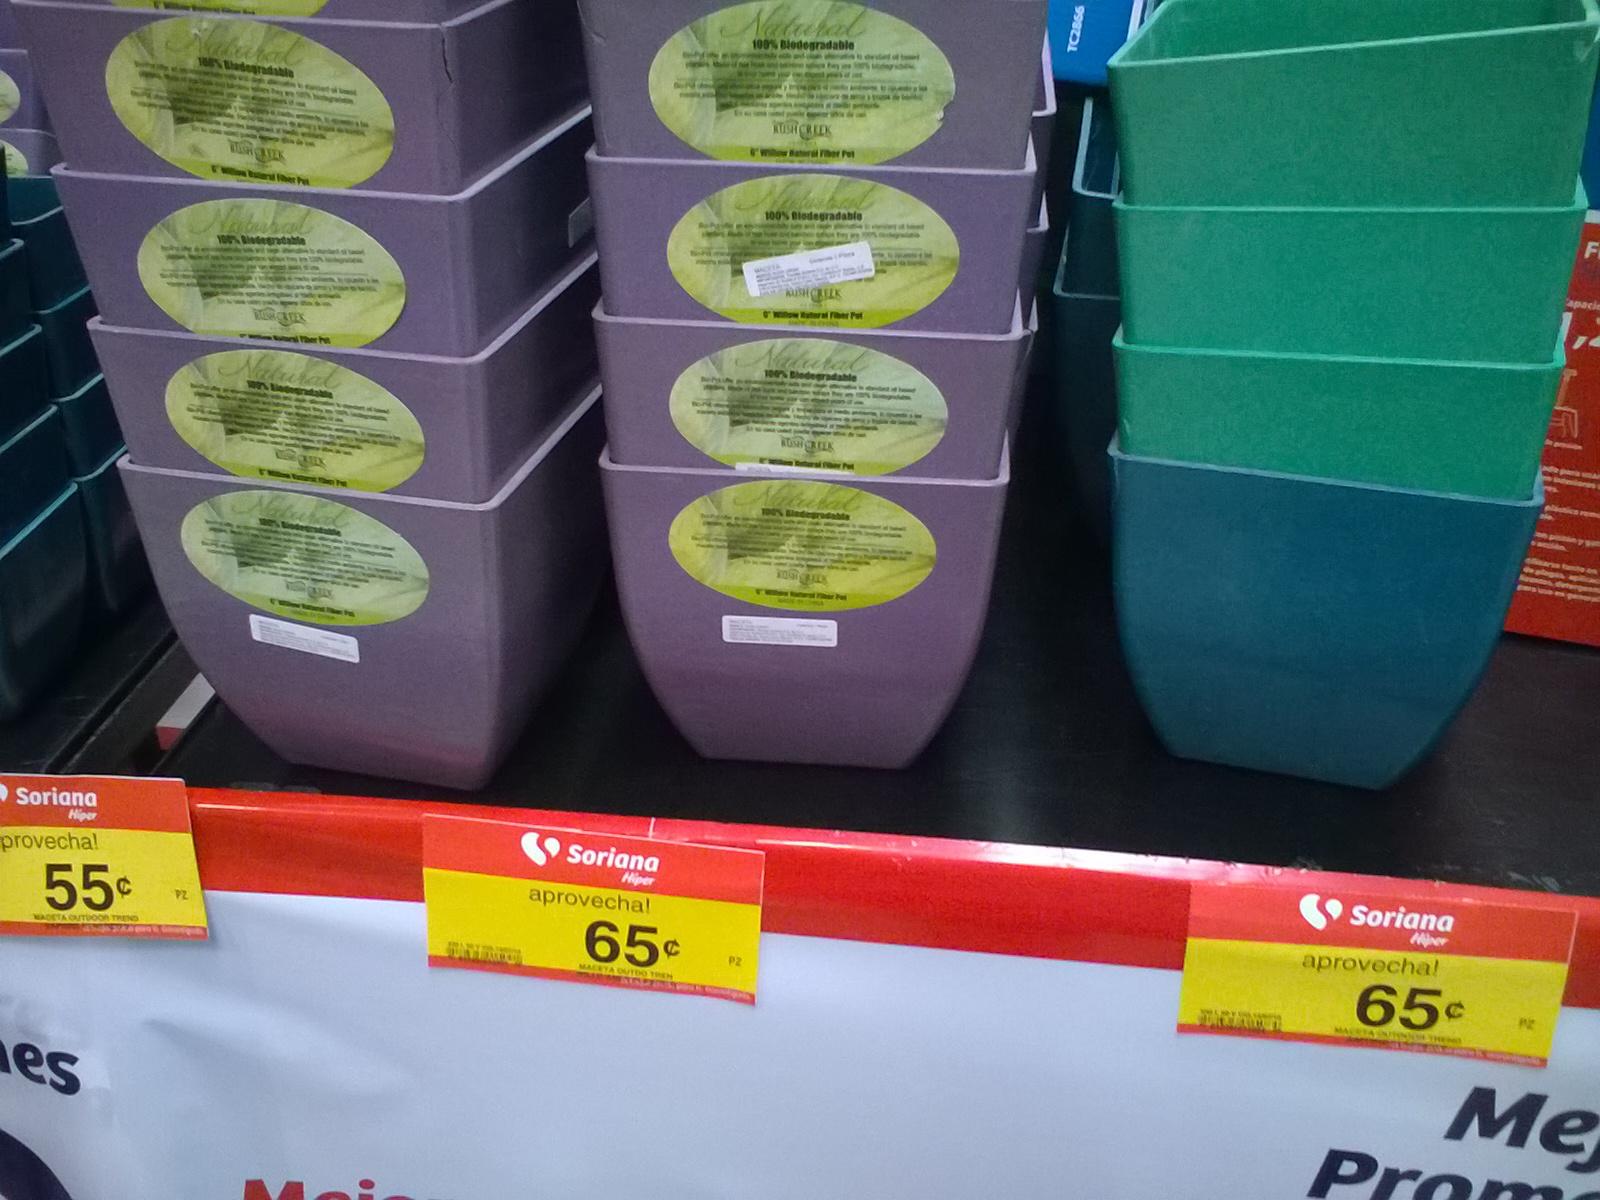 Soriana Villahermosa: macetas y articulos de jardineria menos de $1 peso